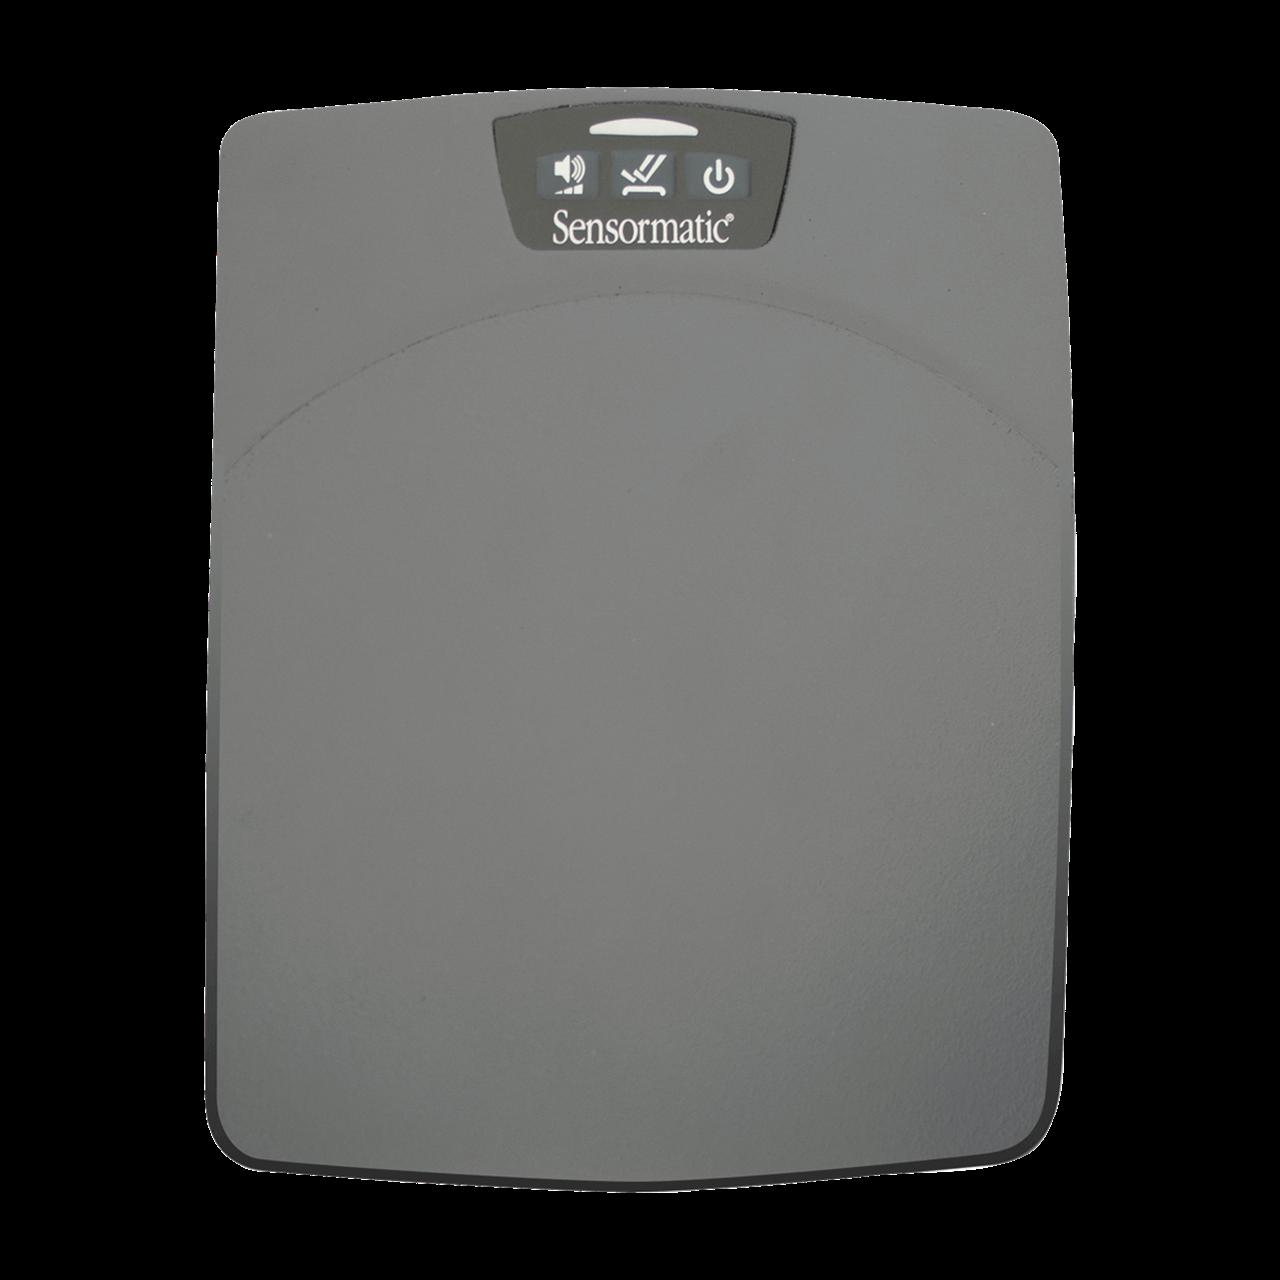 Sensormatic Value Pad Deactivator in Armenia Vantag